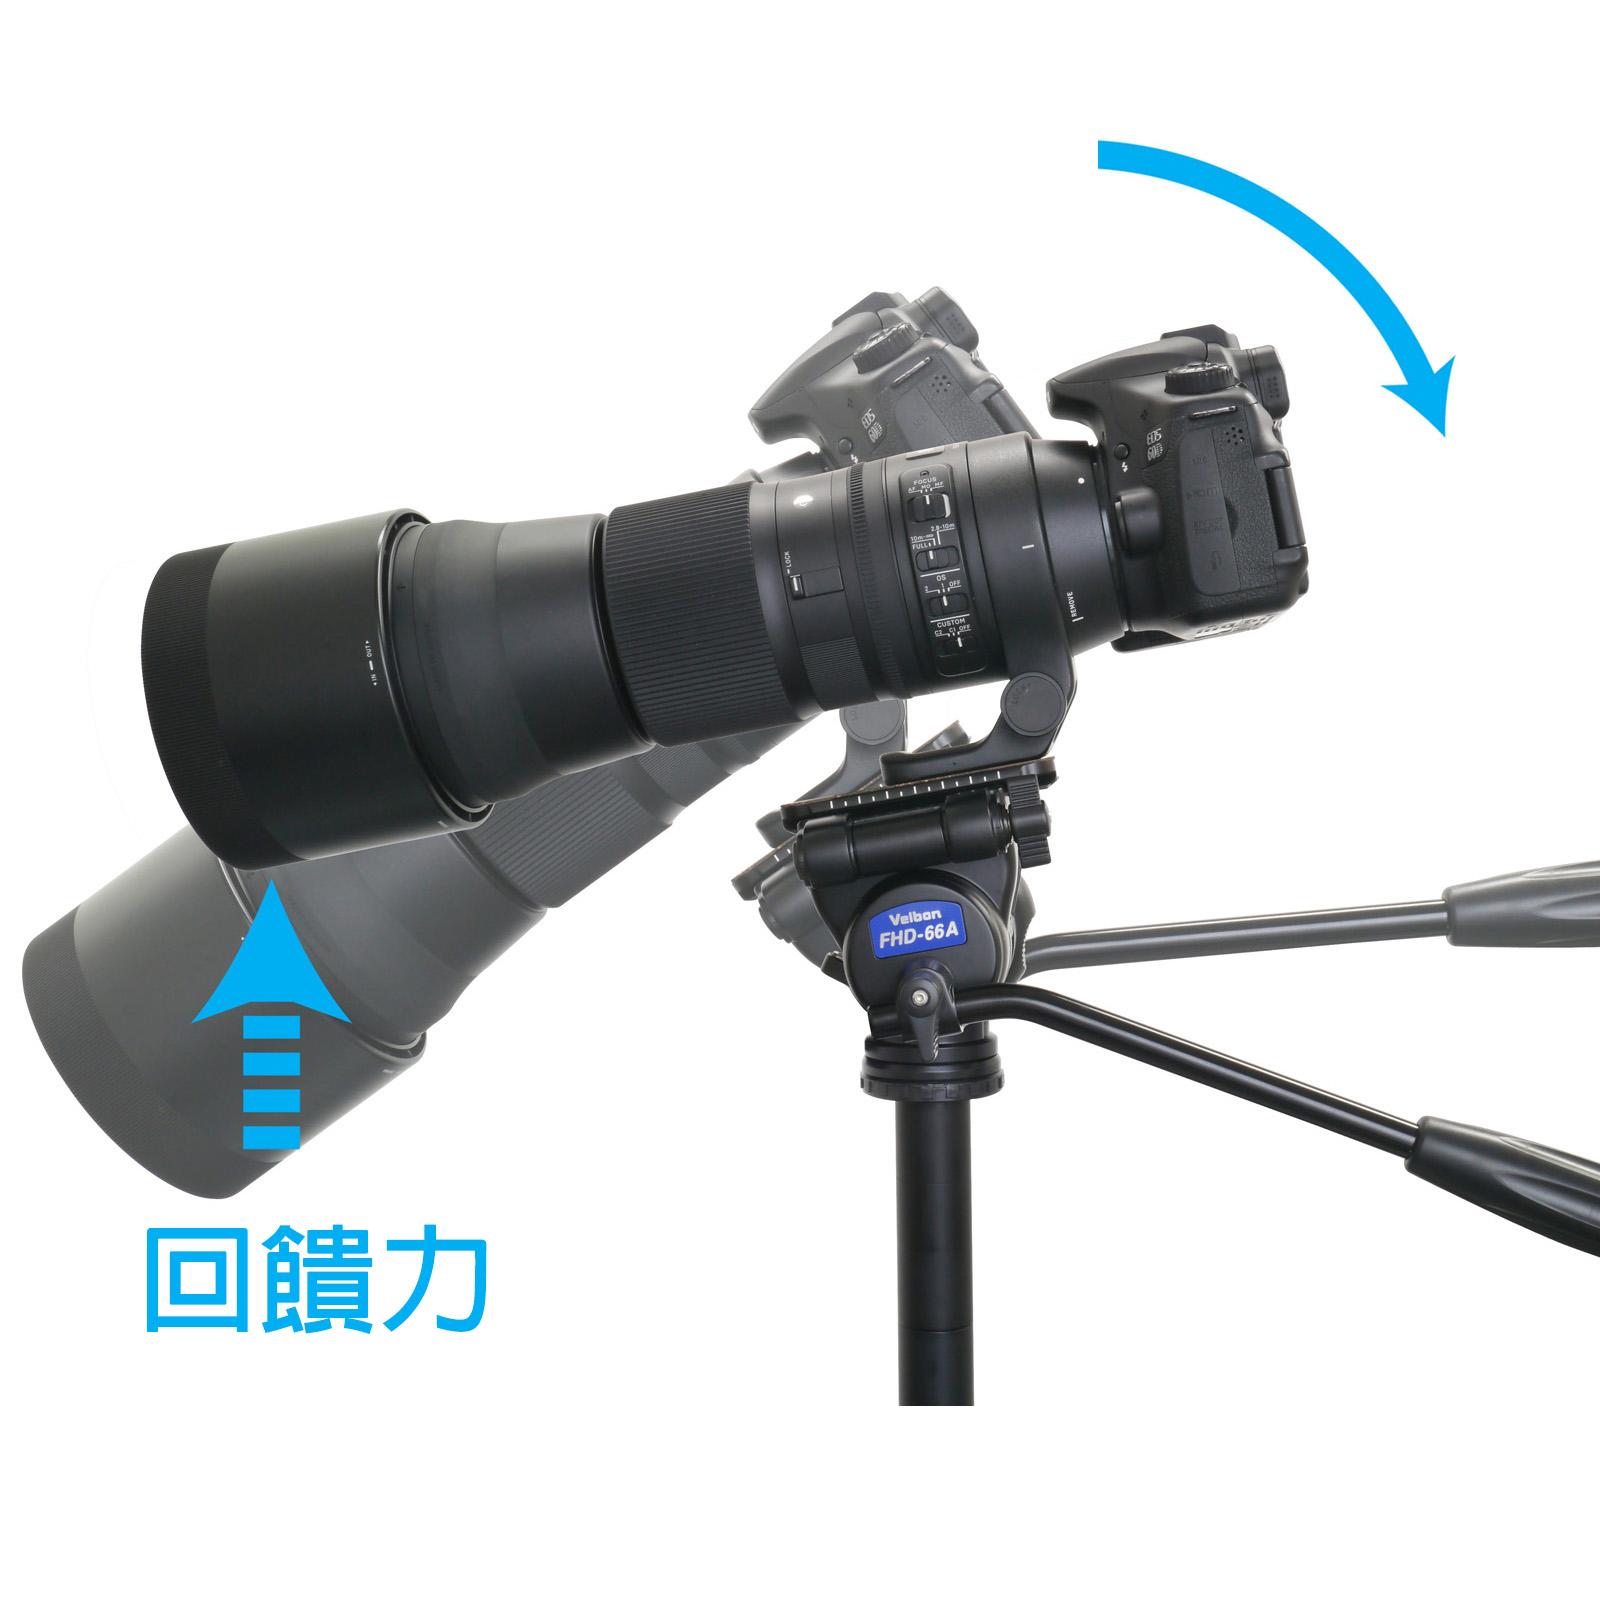 fhd66a-sub4-xl